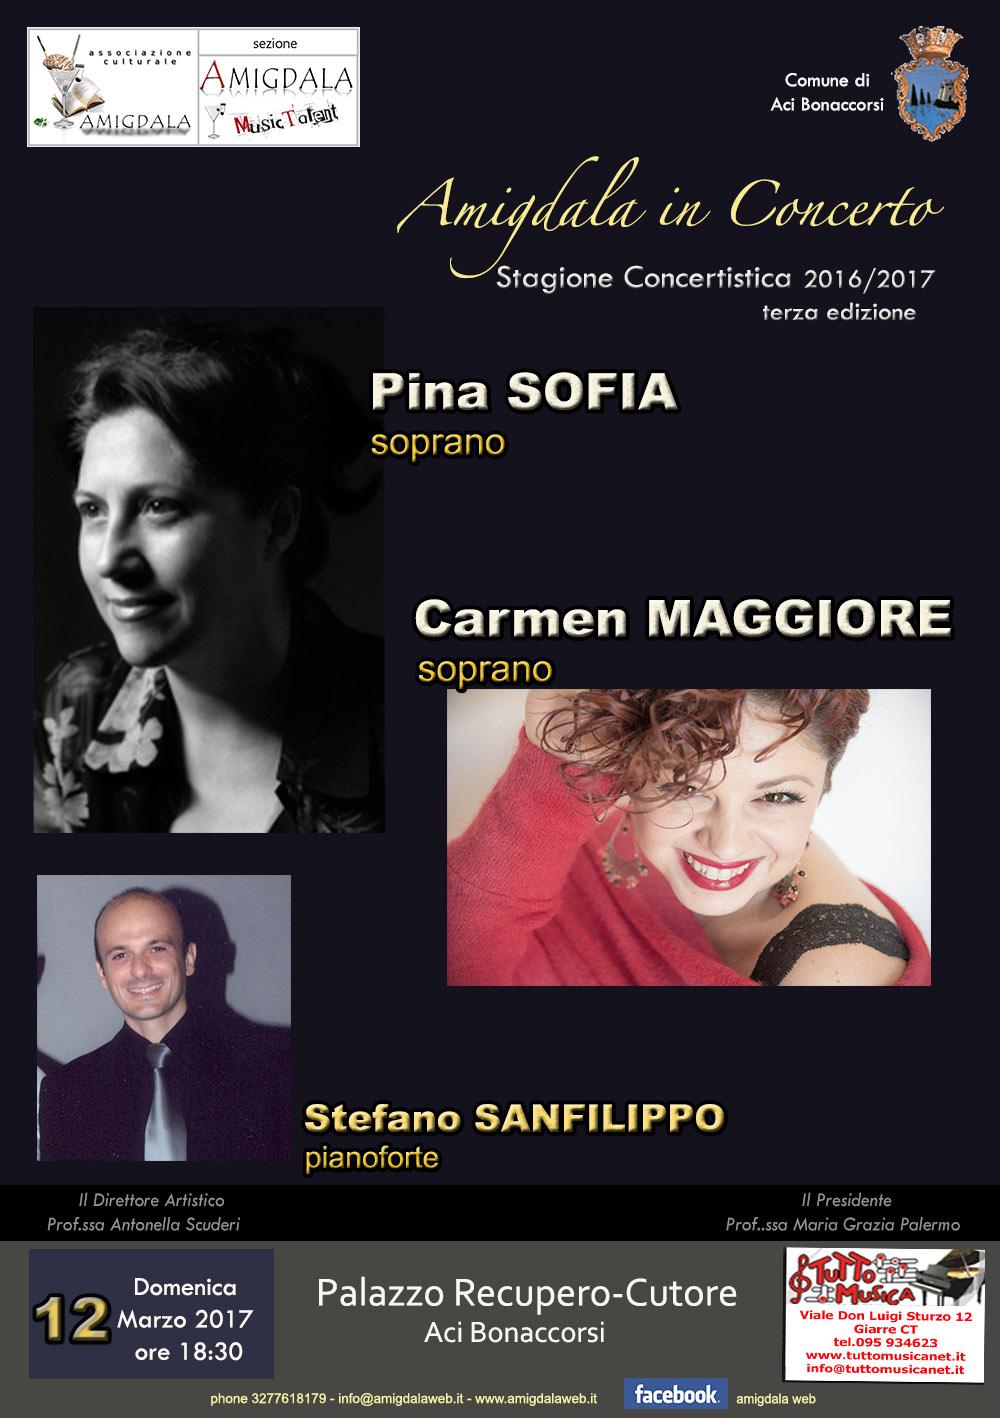 Amigdala. Pina Sofia, Carmen Maggiore e Stefano Sanfilippo in concerto